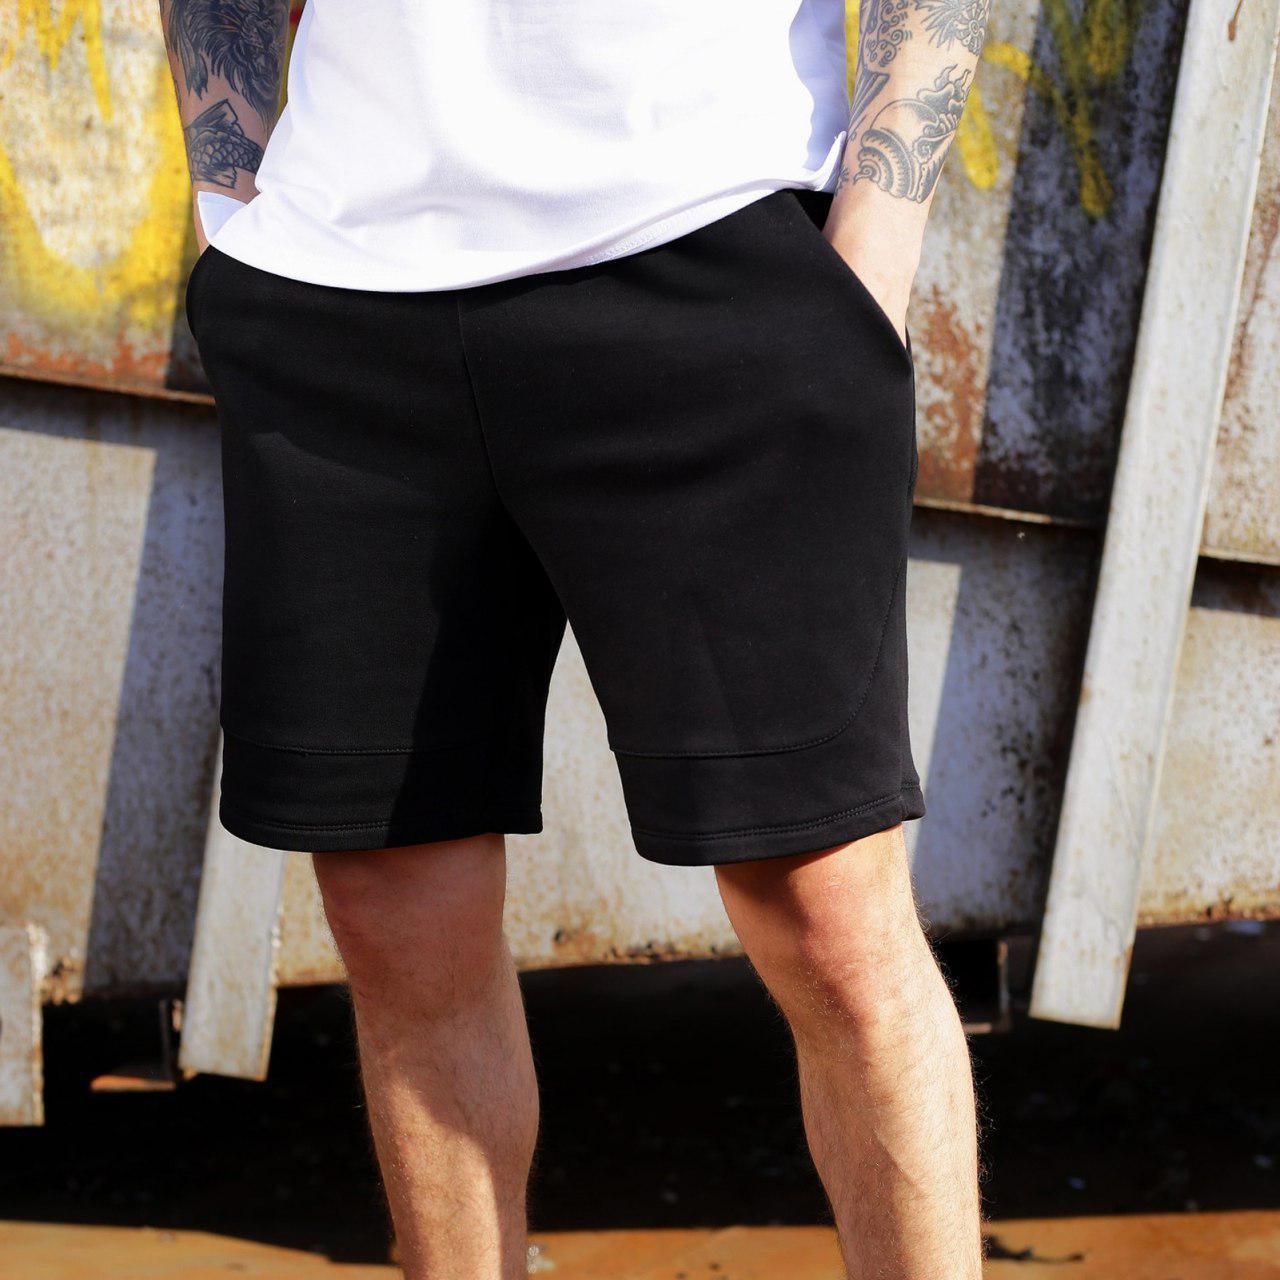 Спортивные мужские шорты черного цвета бренд ТУР модель Сэм (SAM) размер S,M, L, XL, M